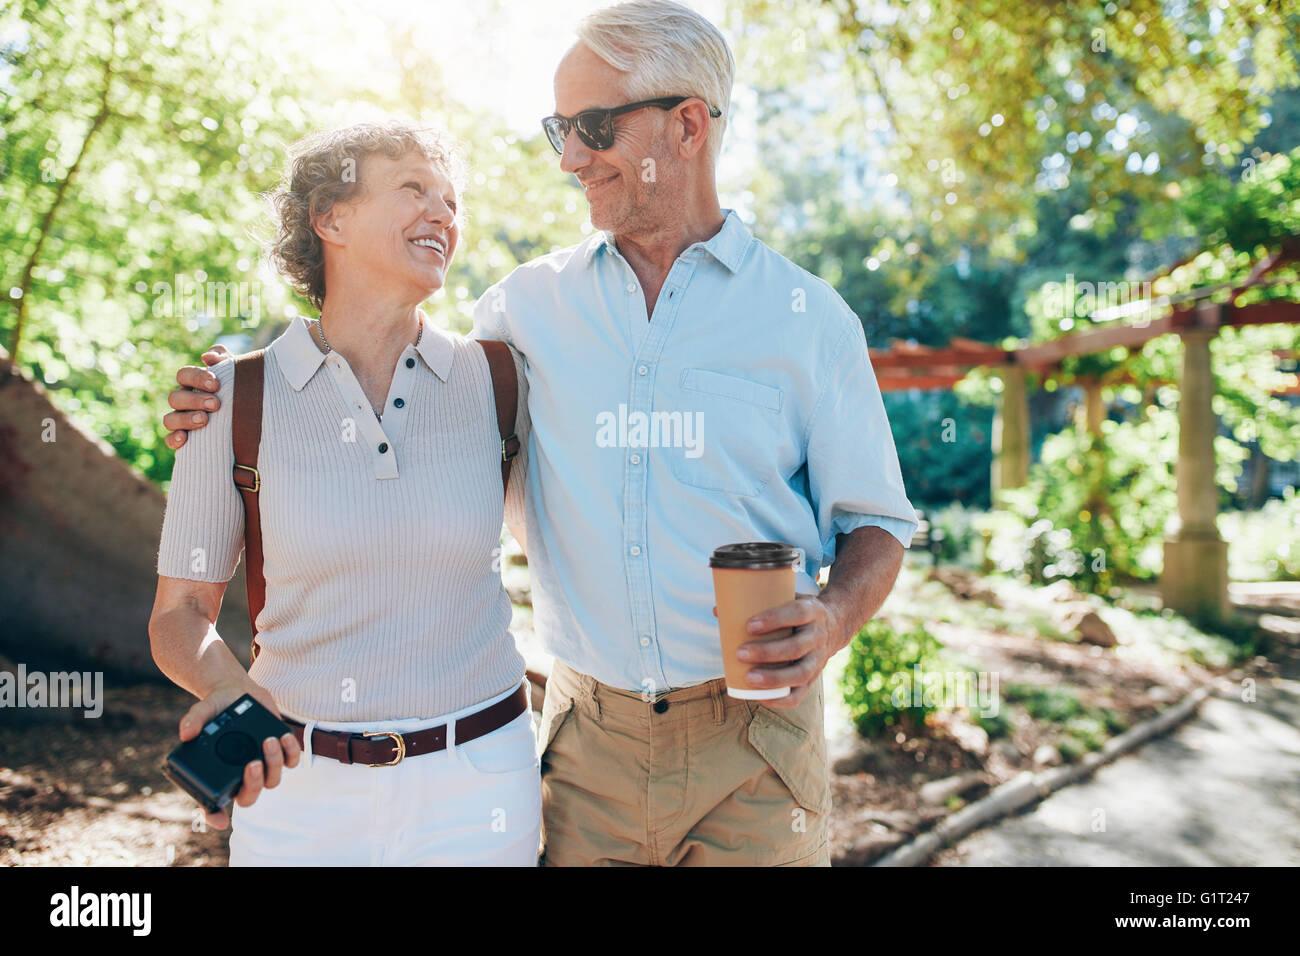 Ritratto di felice coppia matura camminare insieme in un parco. Il marito e la moglie in vacanza. Immagini Stock